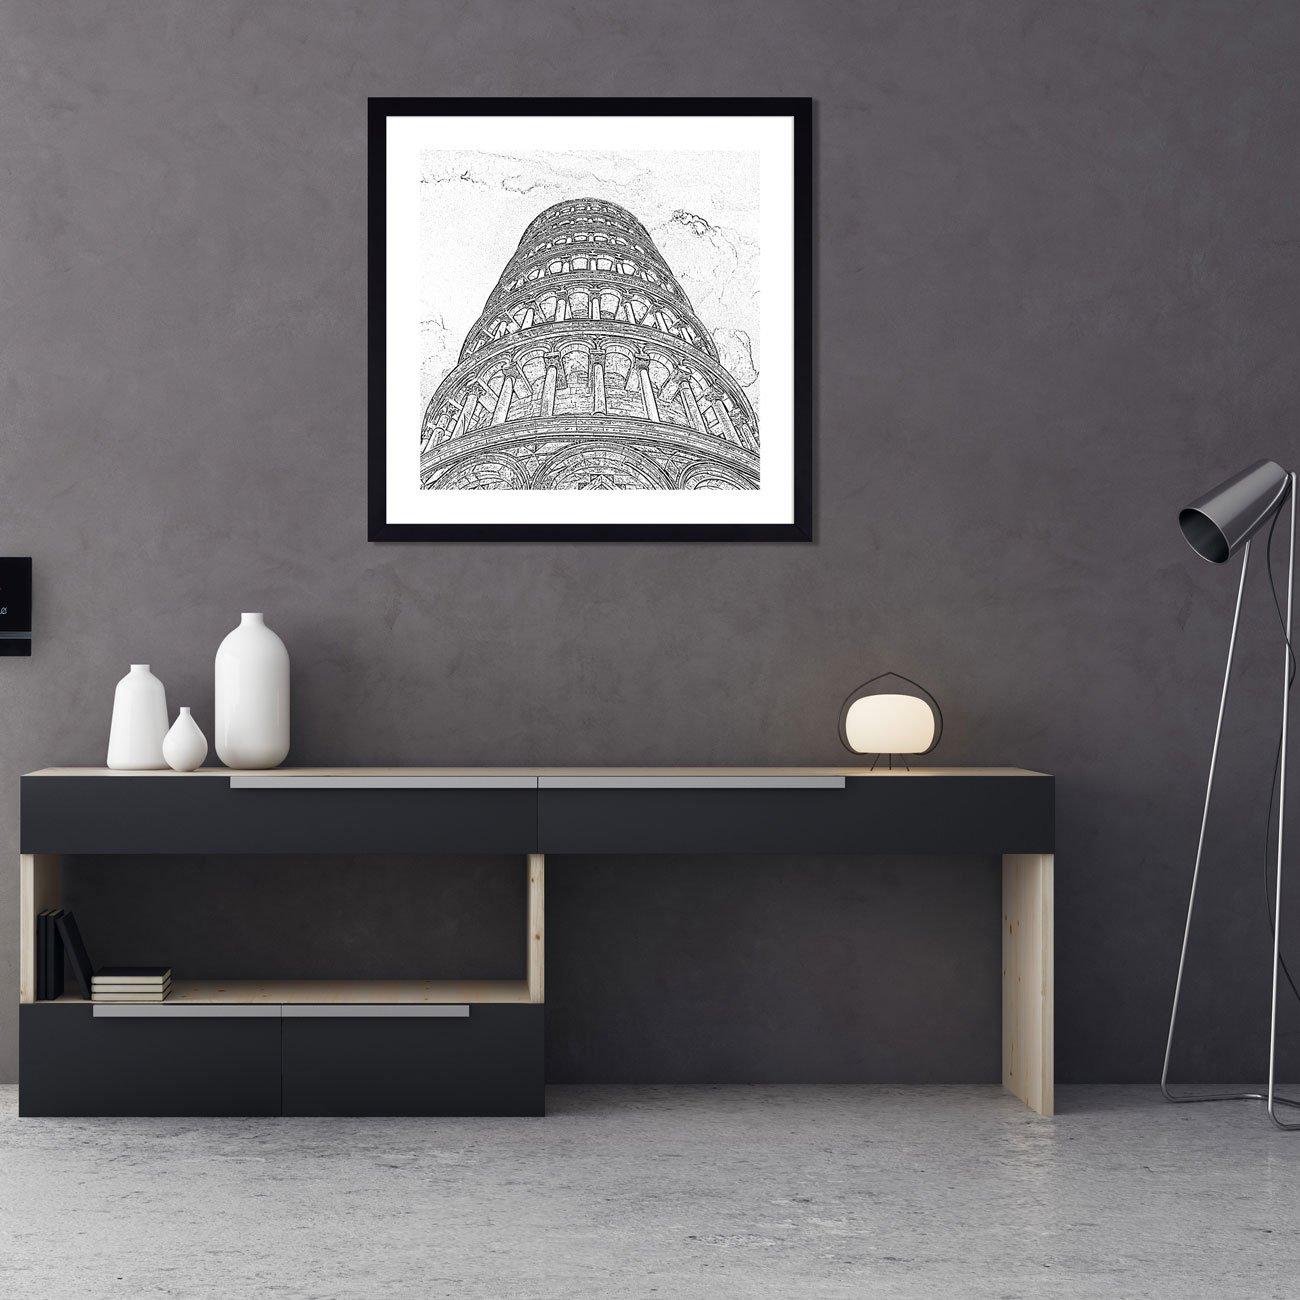 Quadro em Preto e Branco Fotocópia Torre de Pisa 60x60 cm